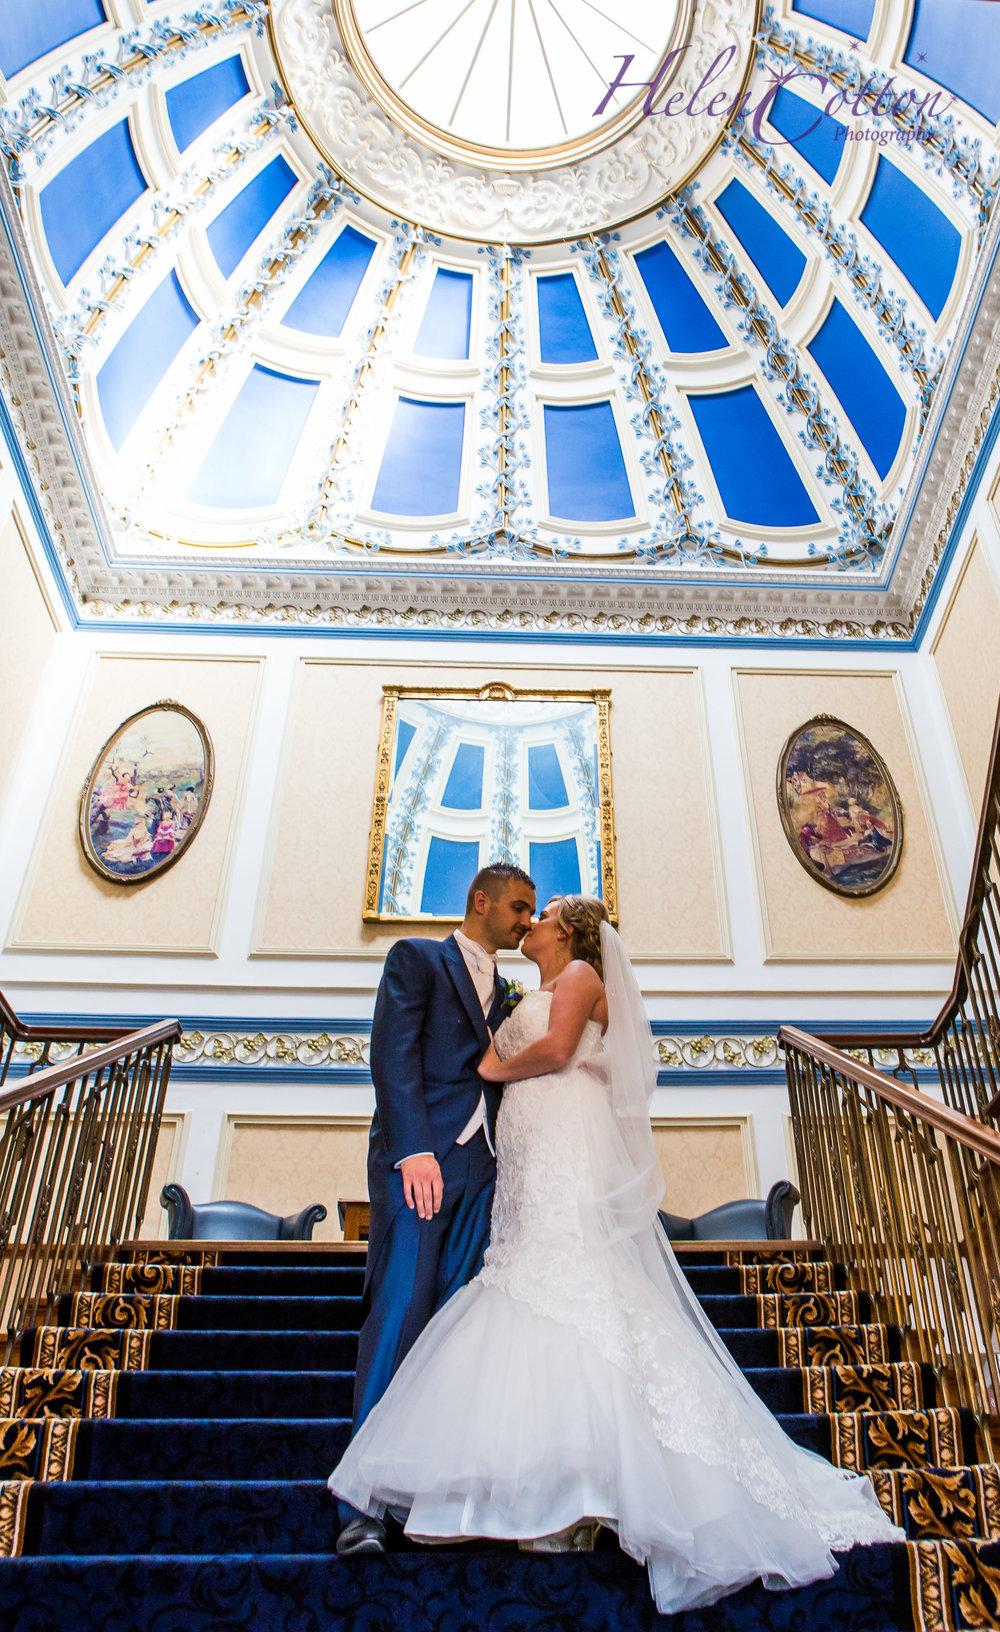 Emily & Chris's Wedding_WEB Wedding_Helen Cotton Photography©IMG_1373.JPG